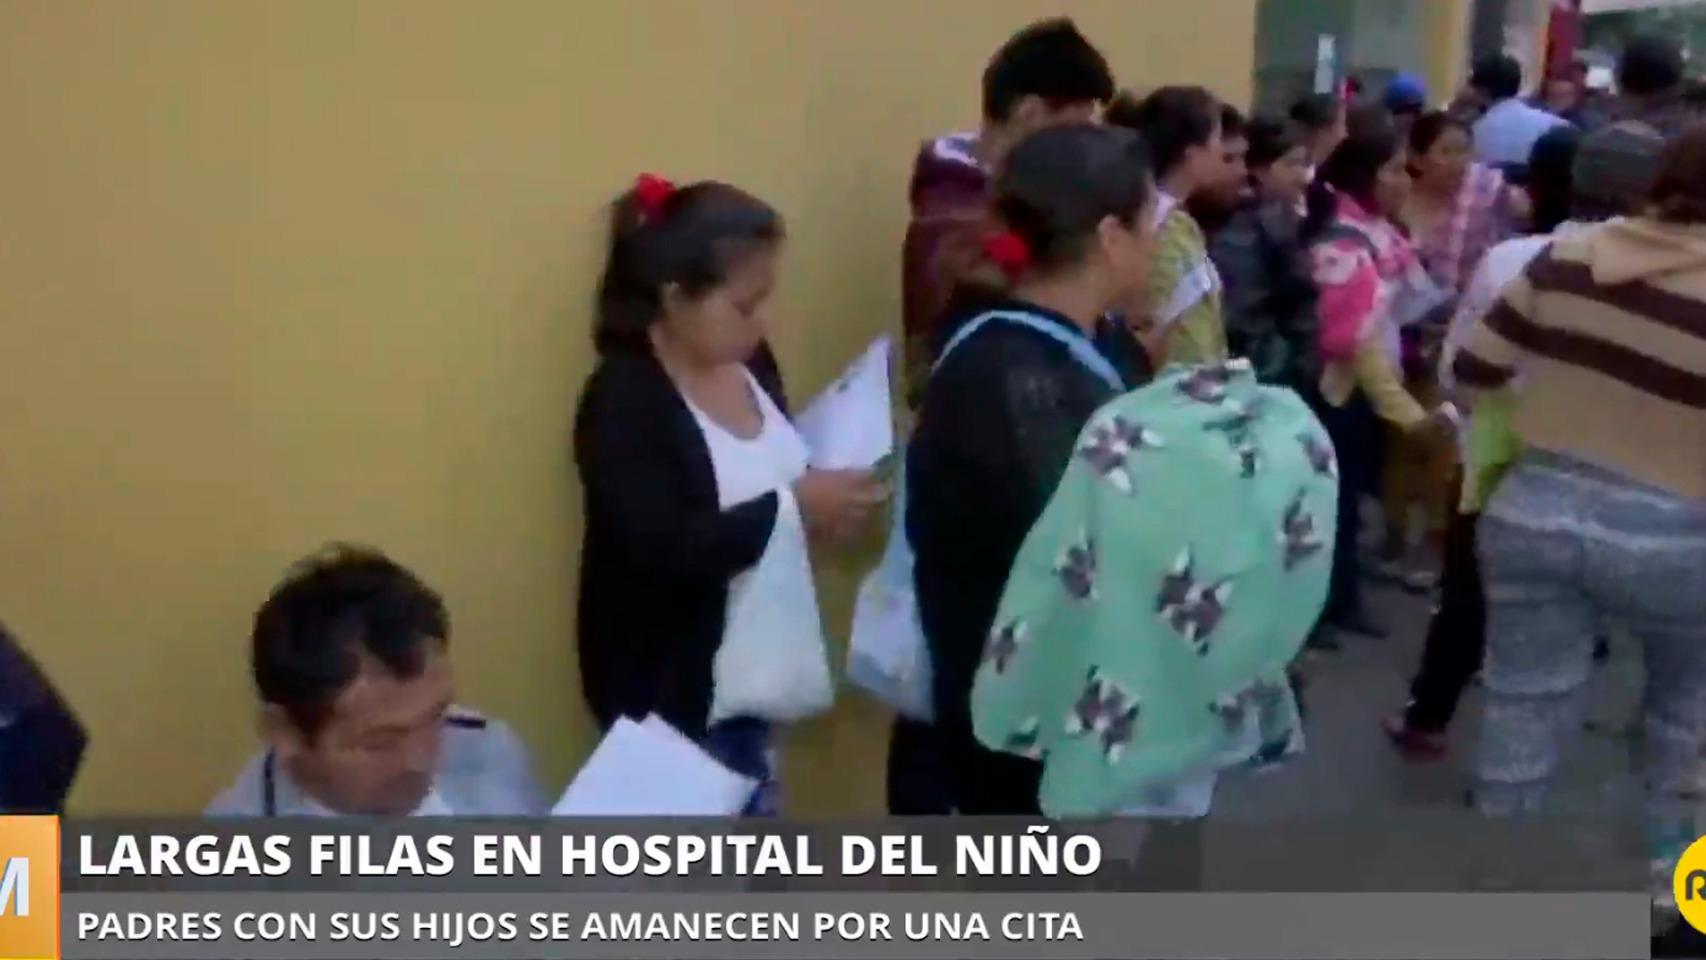 Padres con sus hijos se amanecen por una cita en el hospital.